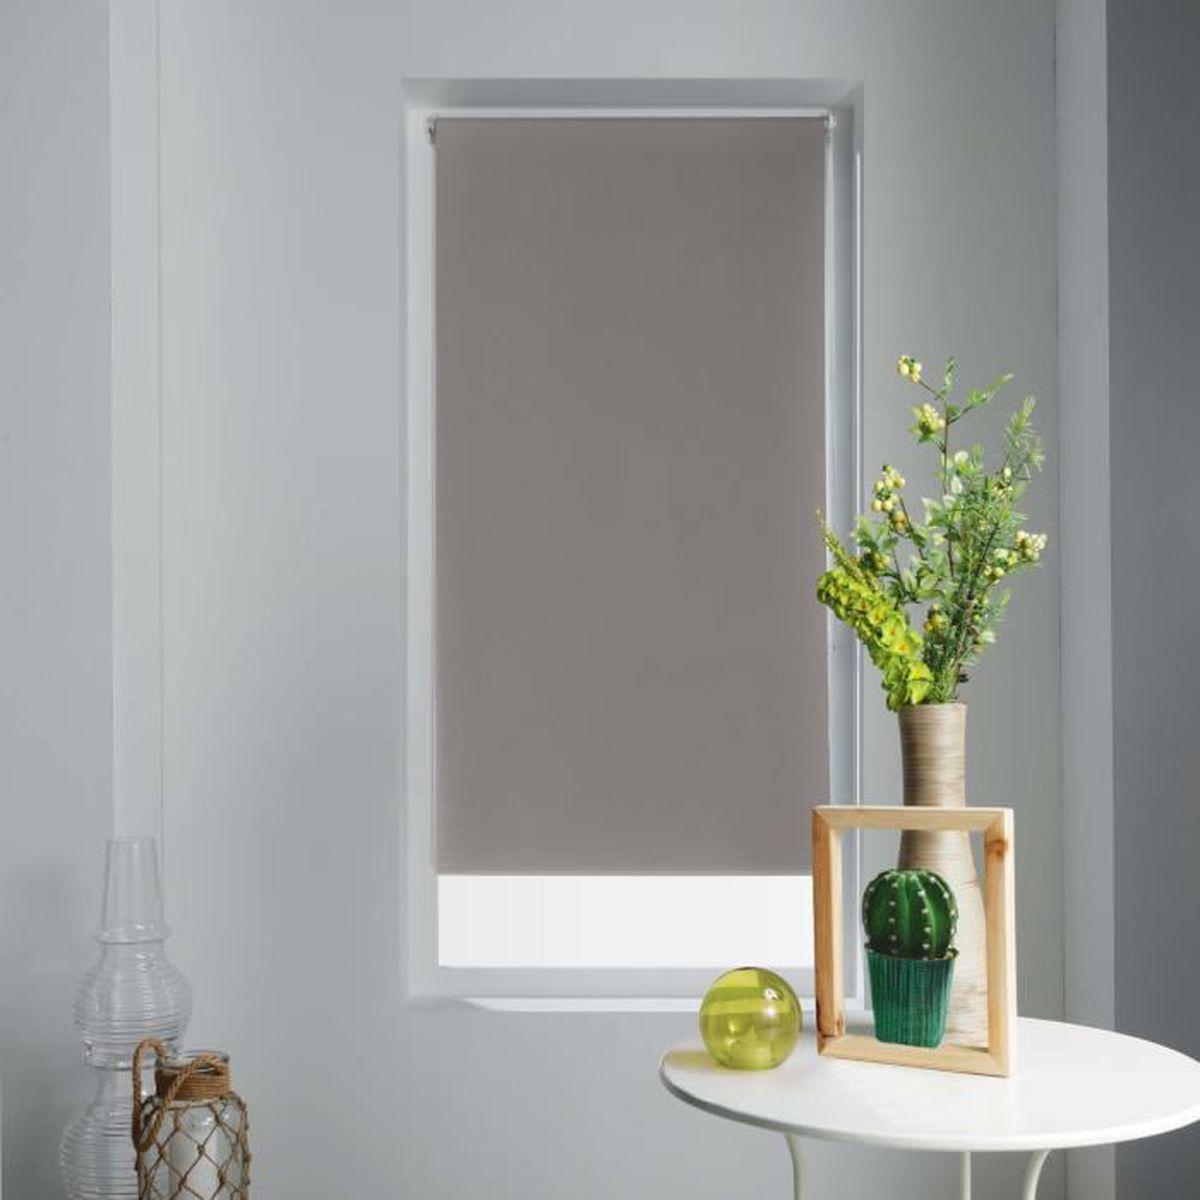 Deconovo Store Enrouleur Blanc Jour Nuit Tamisant sans Per/çage pour Cuisine Salle de Bain Facile /à Poser avec Clips 45x150cm